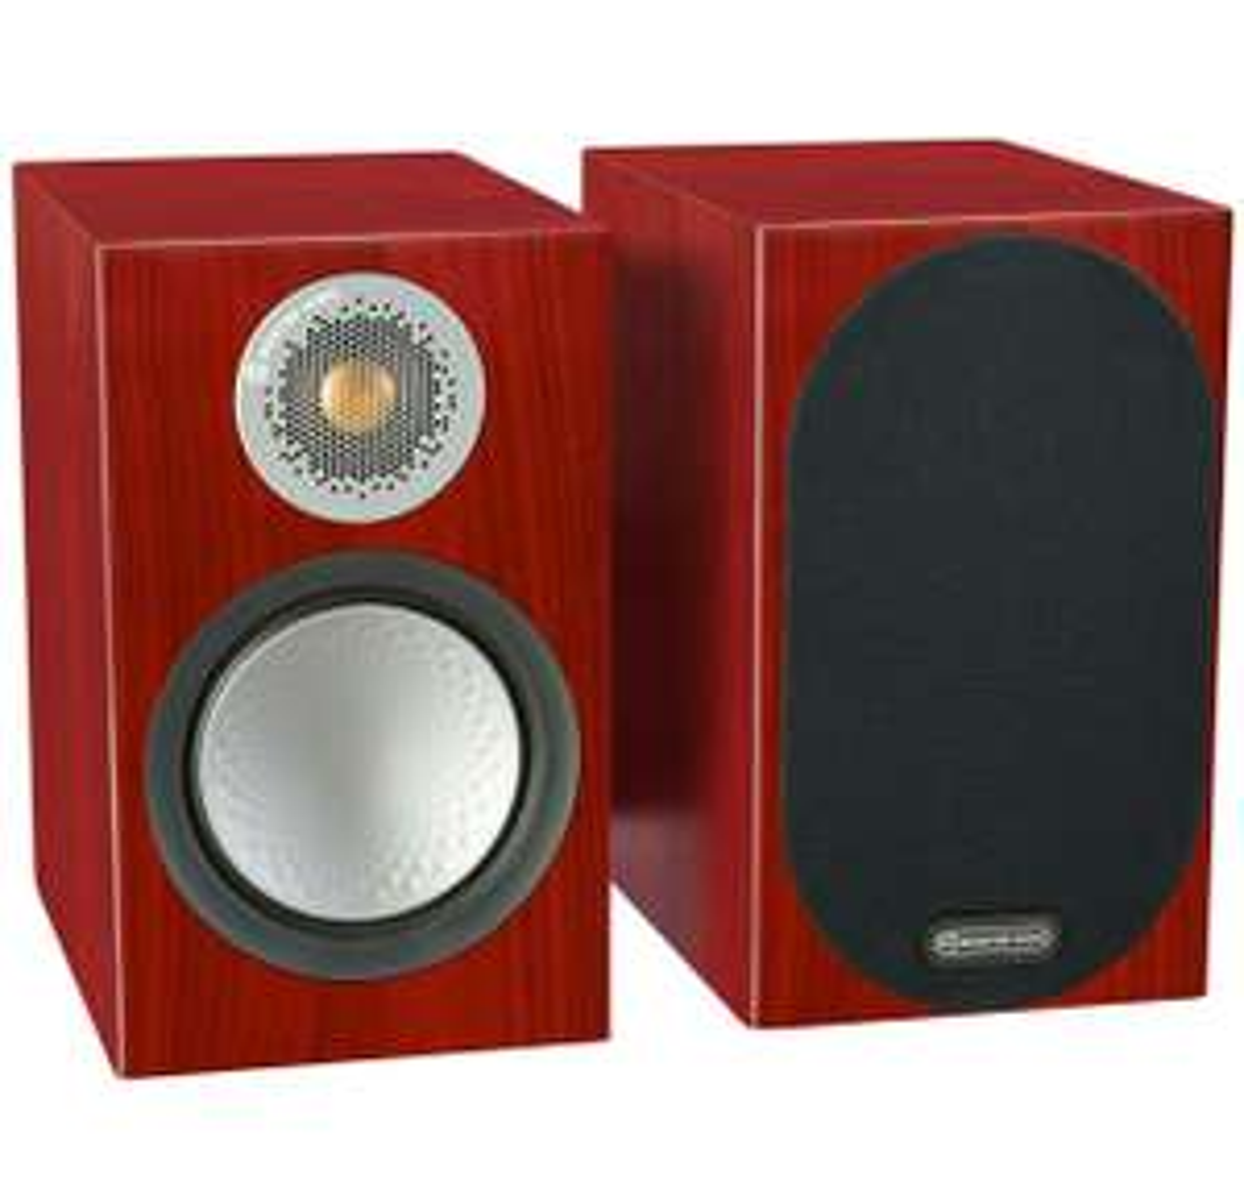 Monitor Audio Silver 50 Lautsprecher (Paarpreis, 2-Wege, 2,5cm Hochtöner, 13,3cm Tieftöner, 45Hz - 35kHz, 87dB, 6Ω)